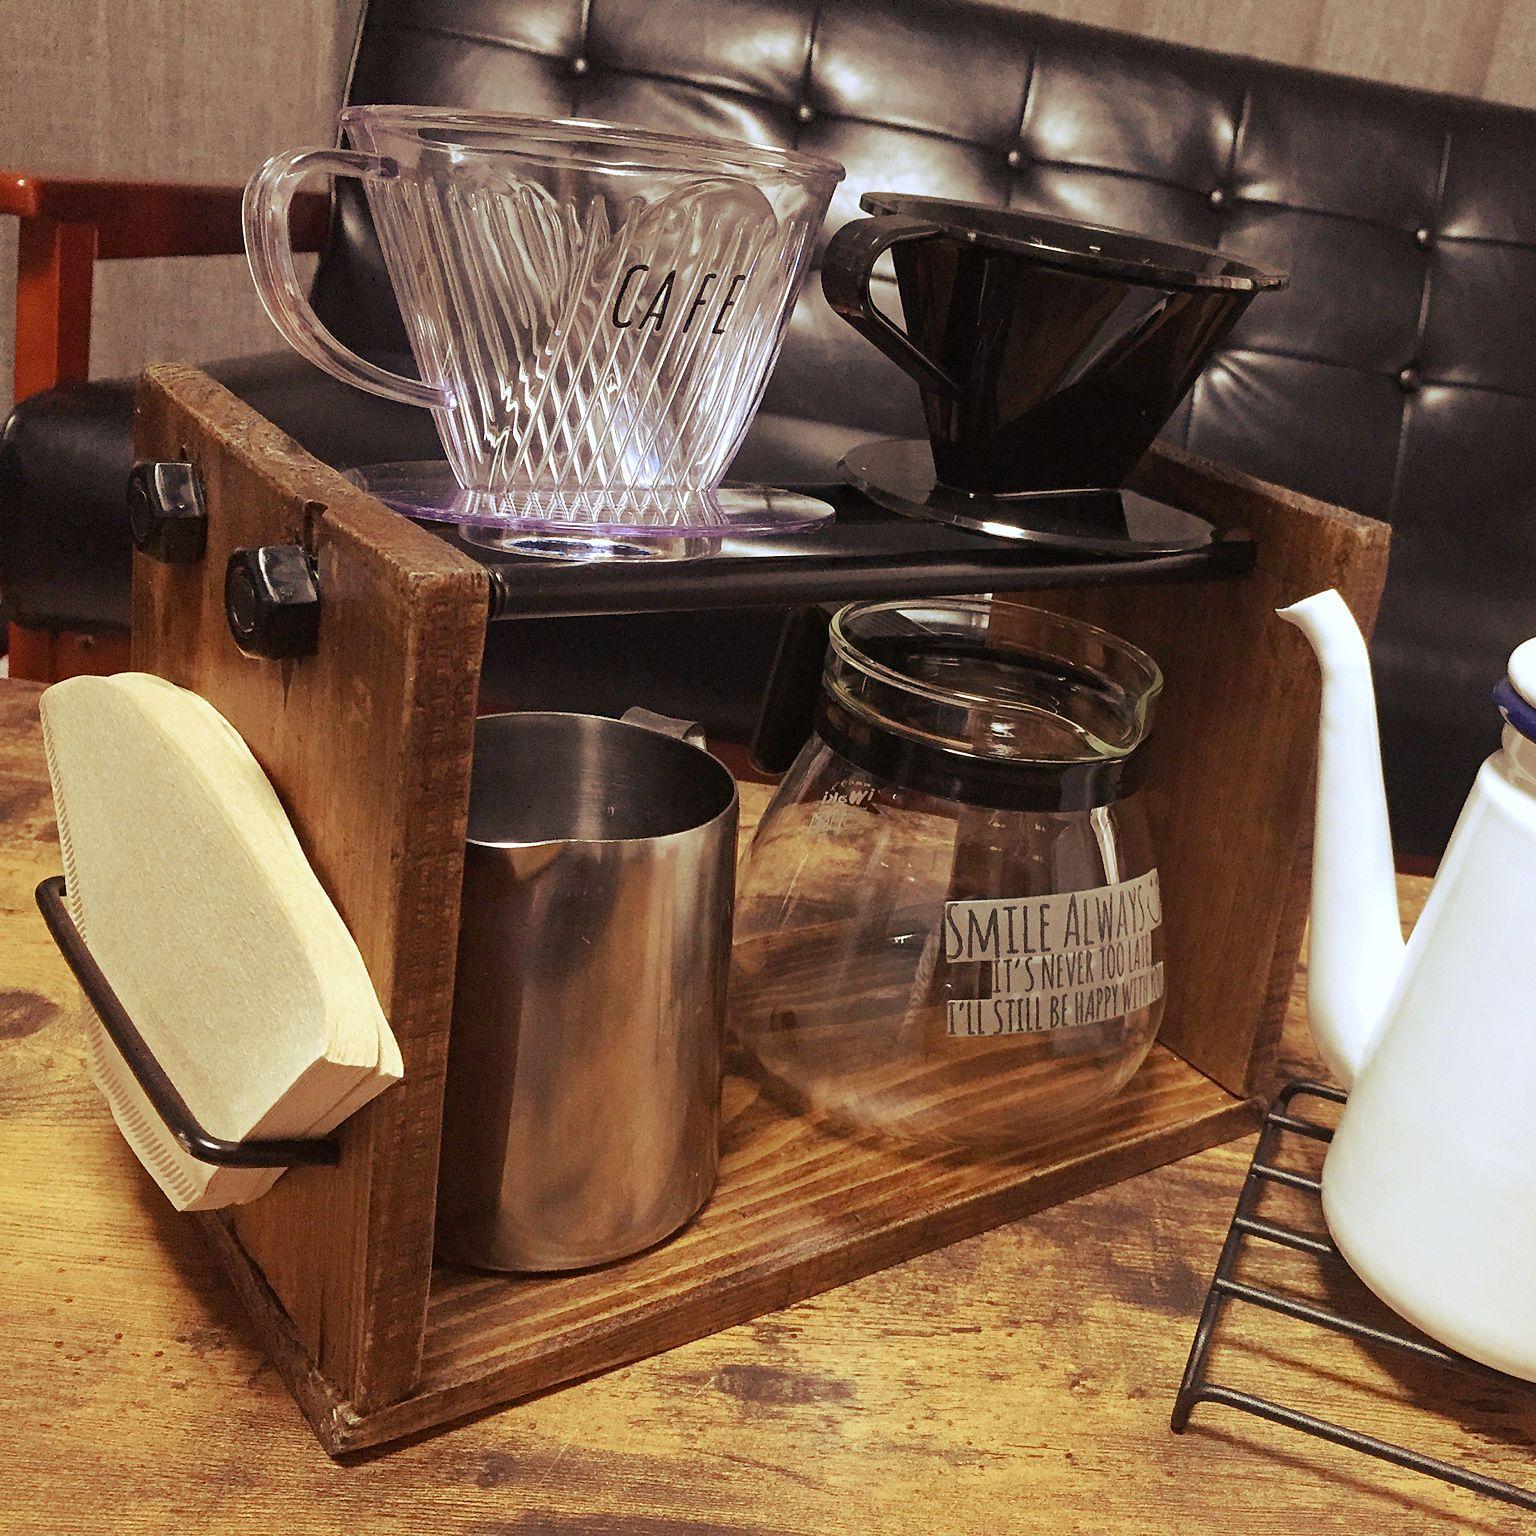 キッチン ドリップコーヒーセット コーヒー ドリップスタンドdiy 初投稿 などのインテリア実例 2017 10 30 11 00 43 Roomclip ルームクリップ ドリップスタンド コーヒーセット コーヒー